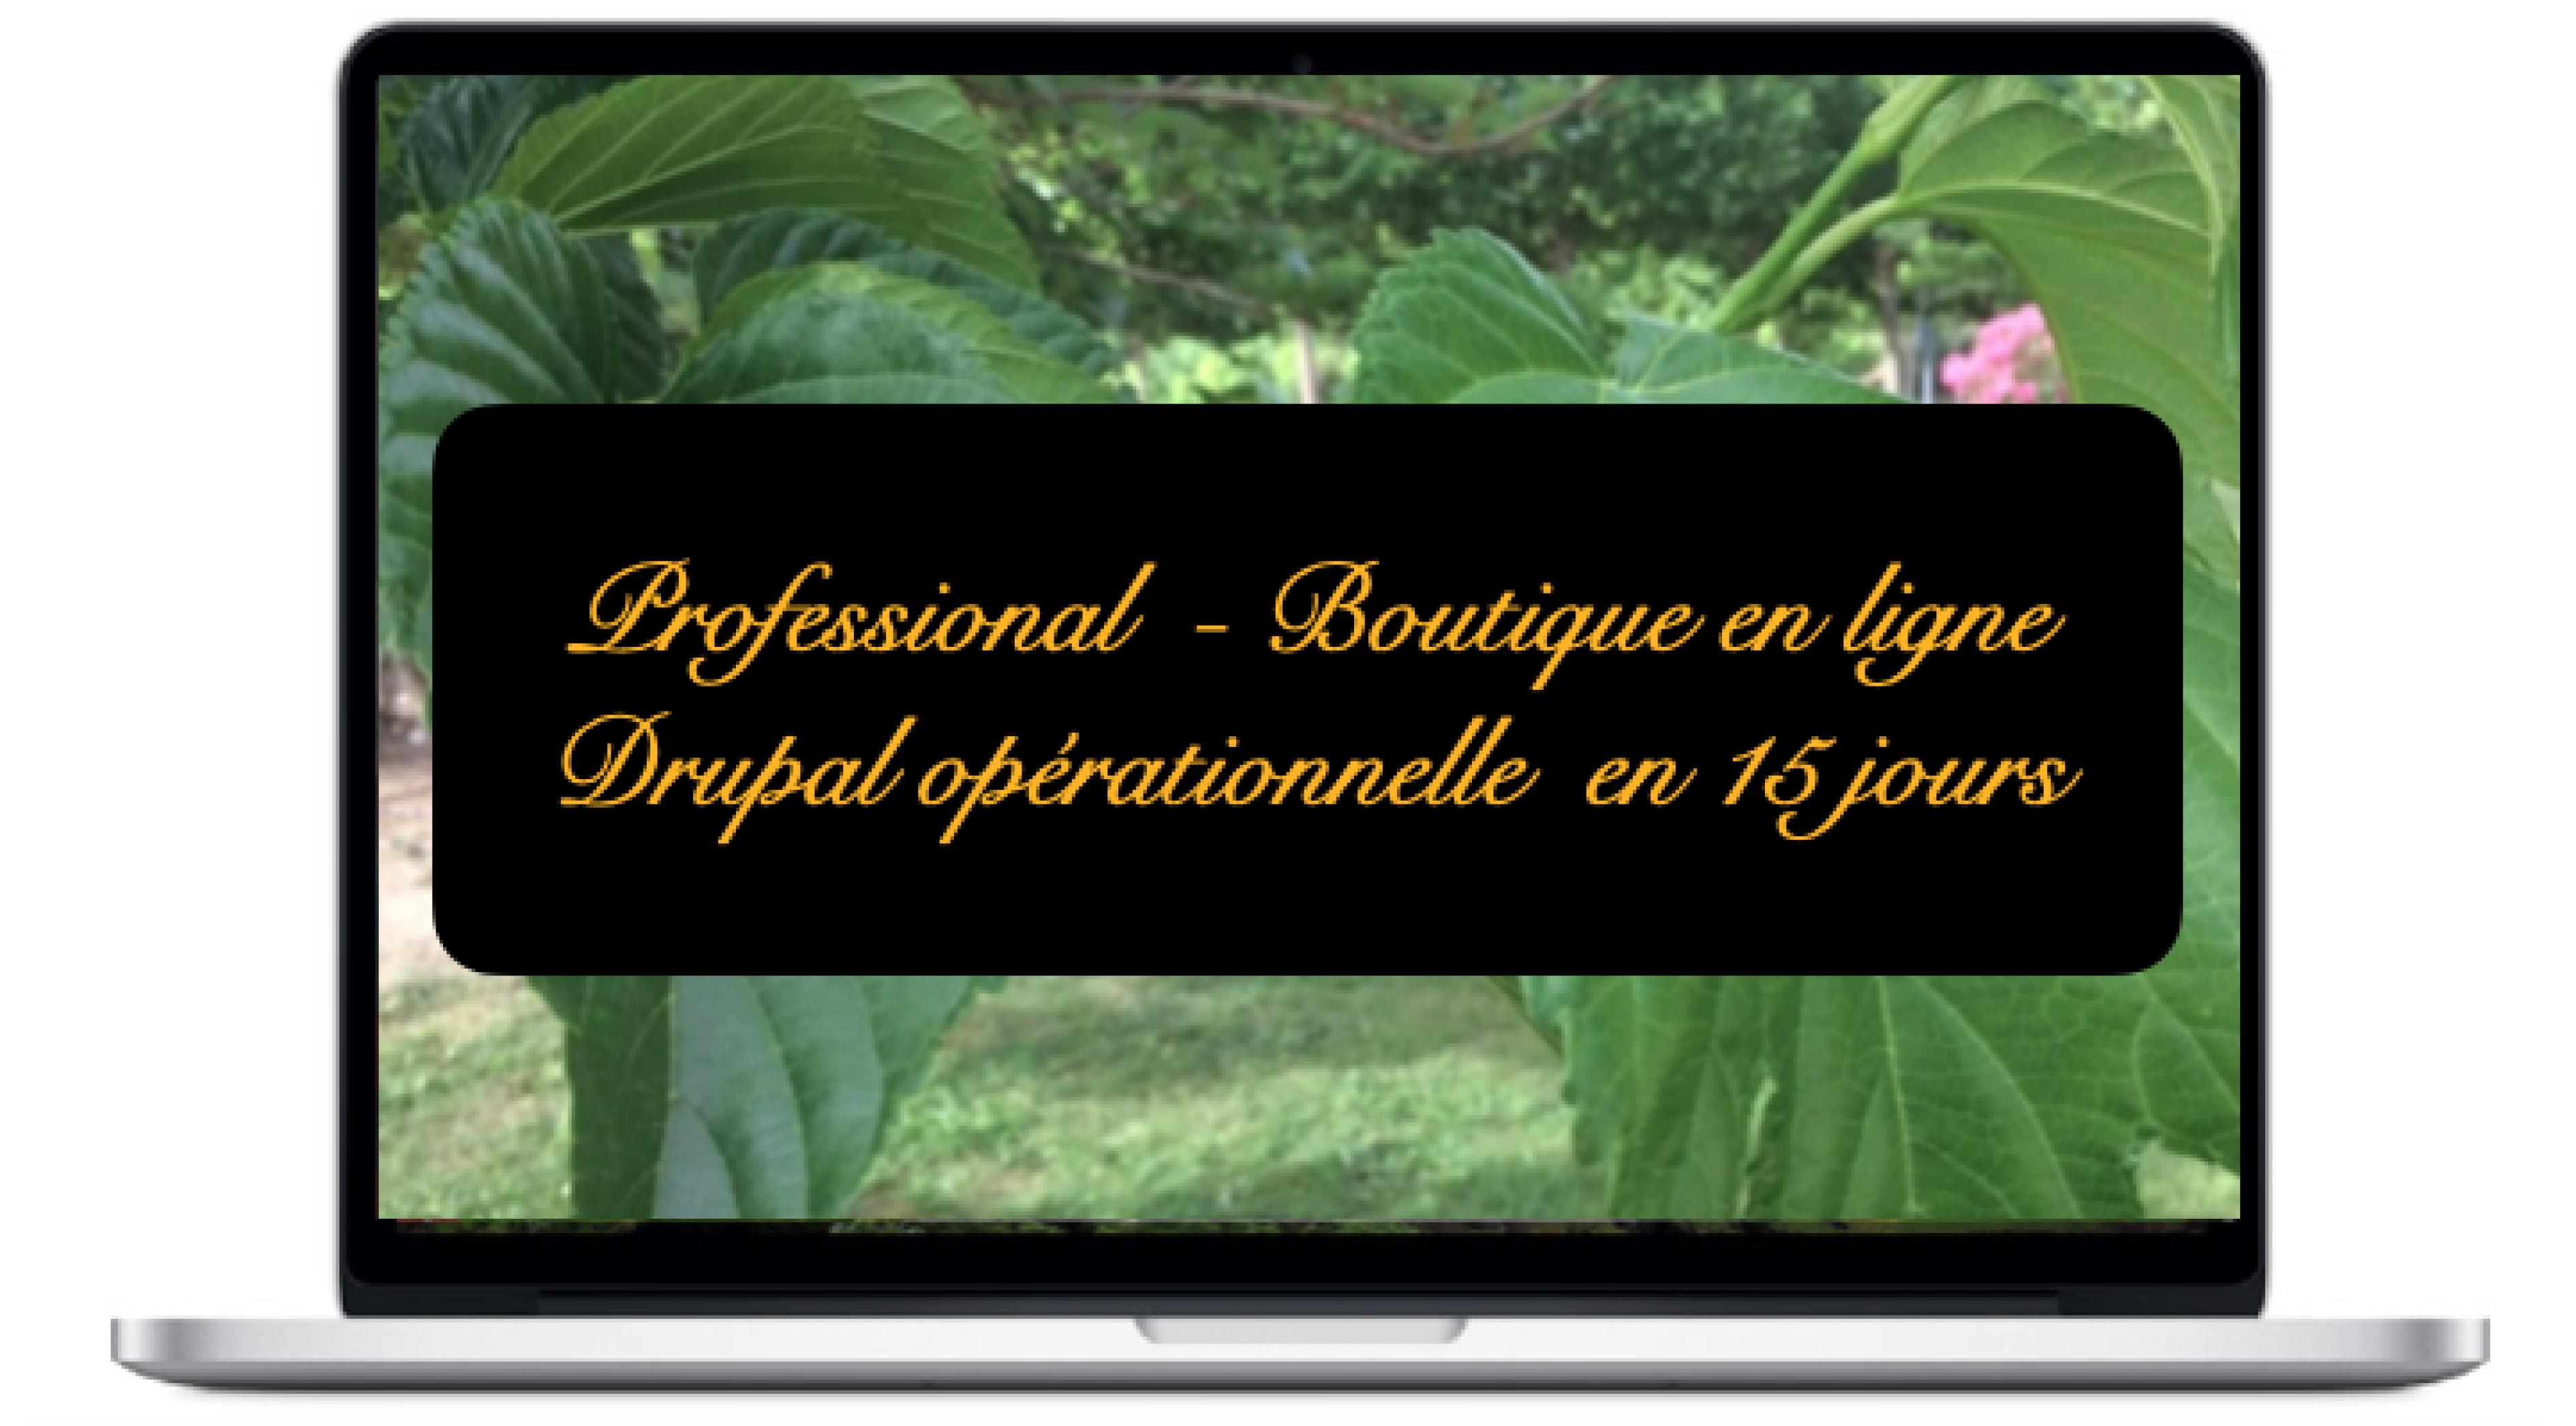 professional-boutique-en-ligne-drupal-operationnelle-en-15-jours_0.png